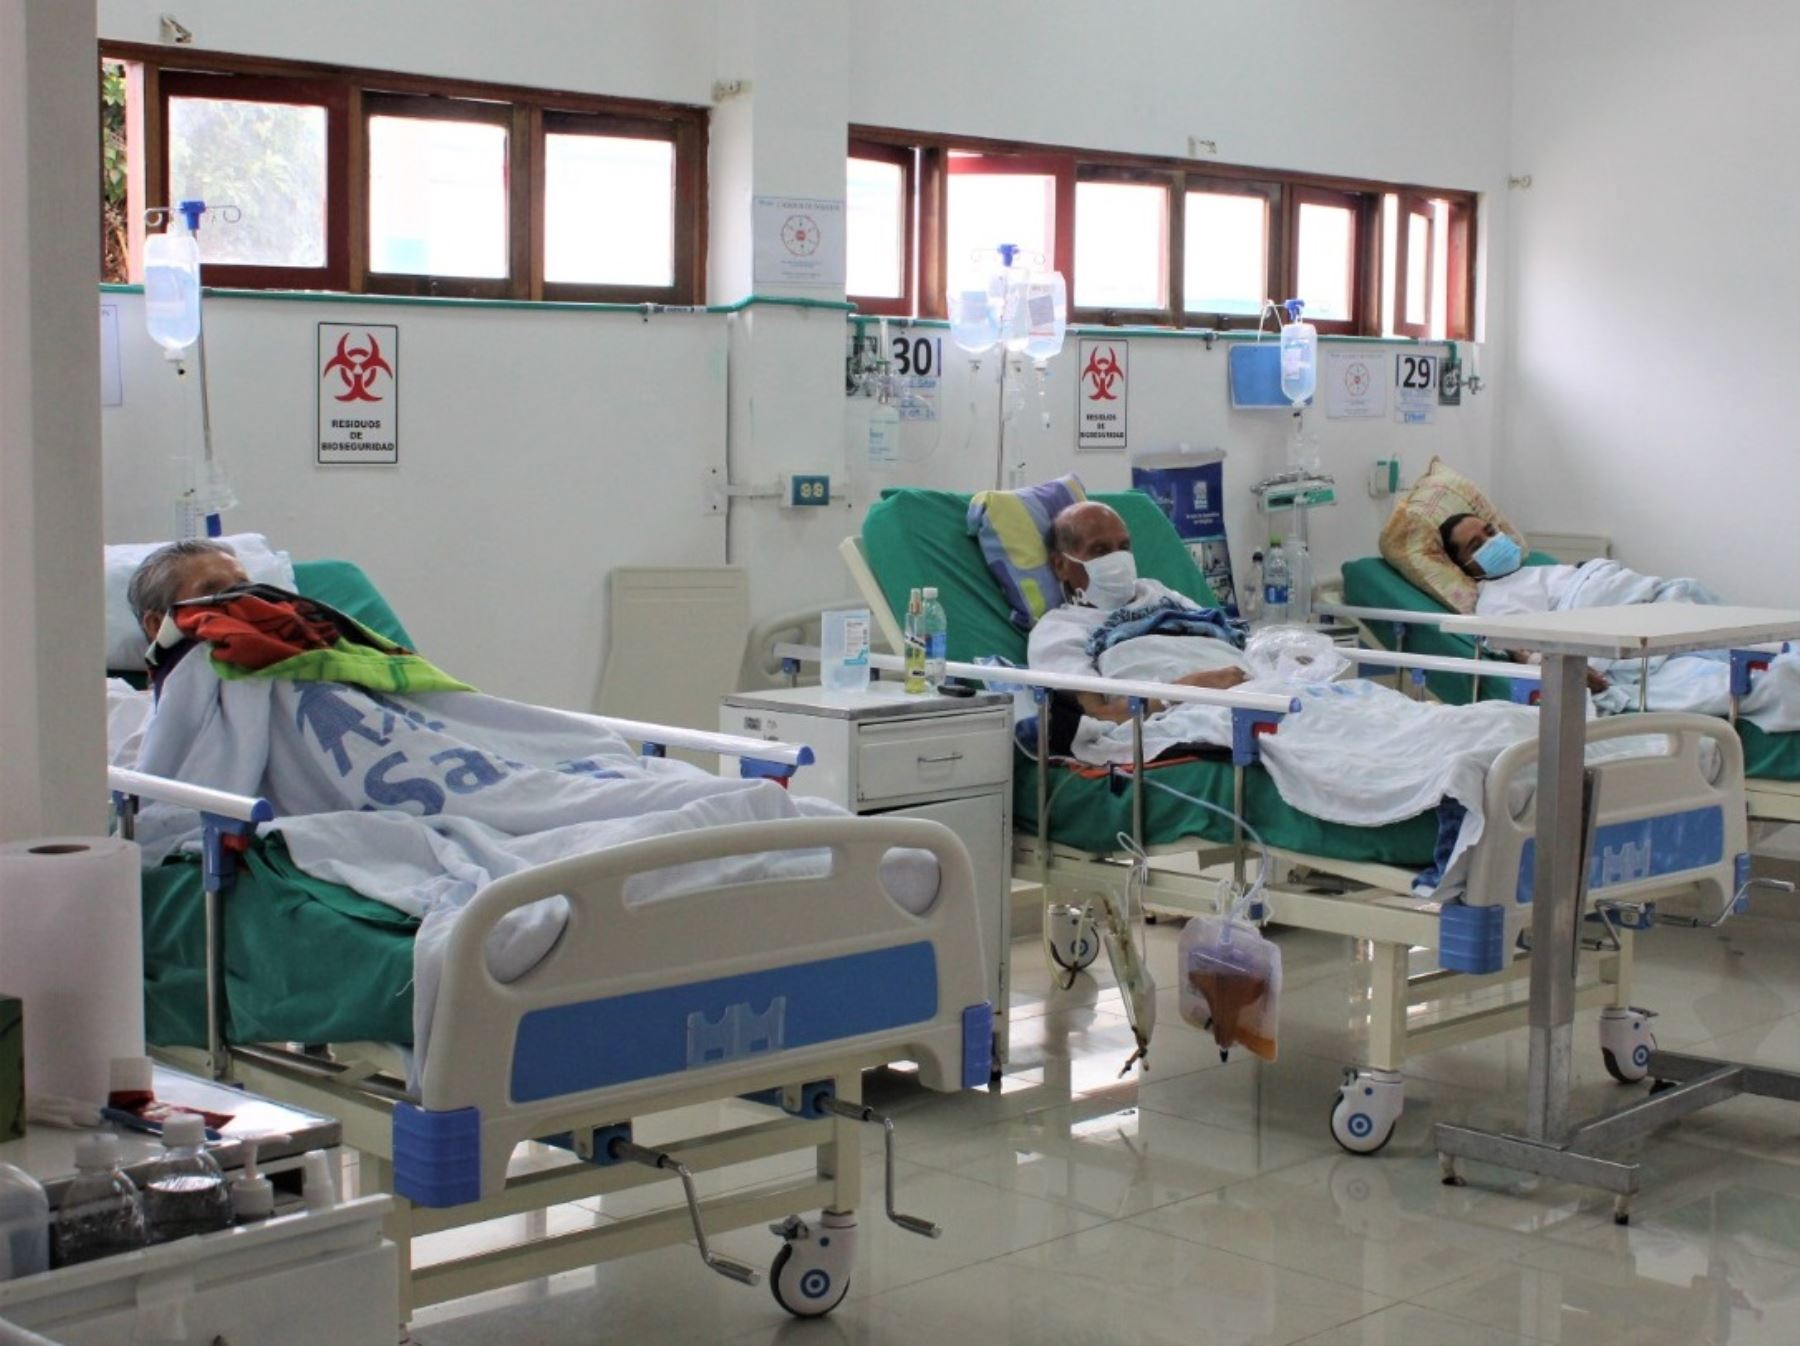 Del total de hospitalizados por covid-19 en el país, 1,354 se ubican en unidades de cuidados intensivos con ventilación mecánica, informó el Minsa. Foto: ANDINA/Minsa